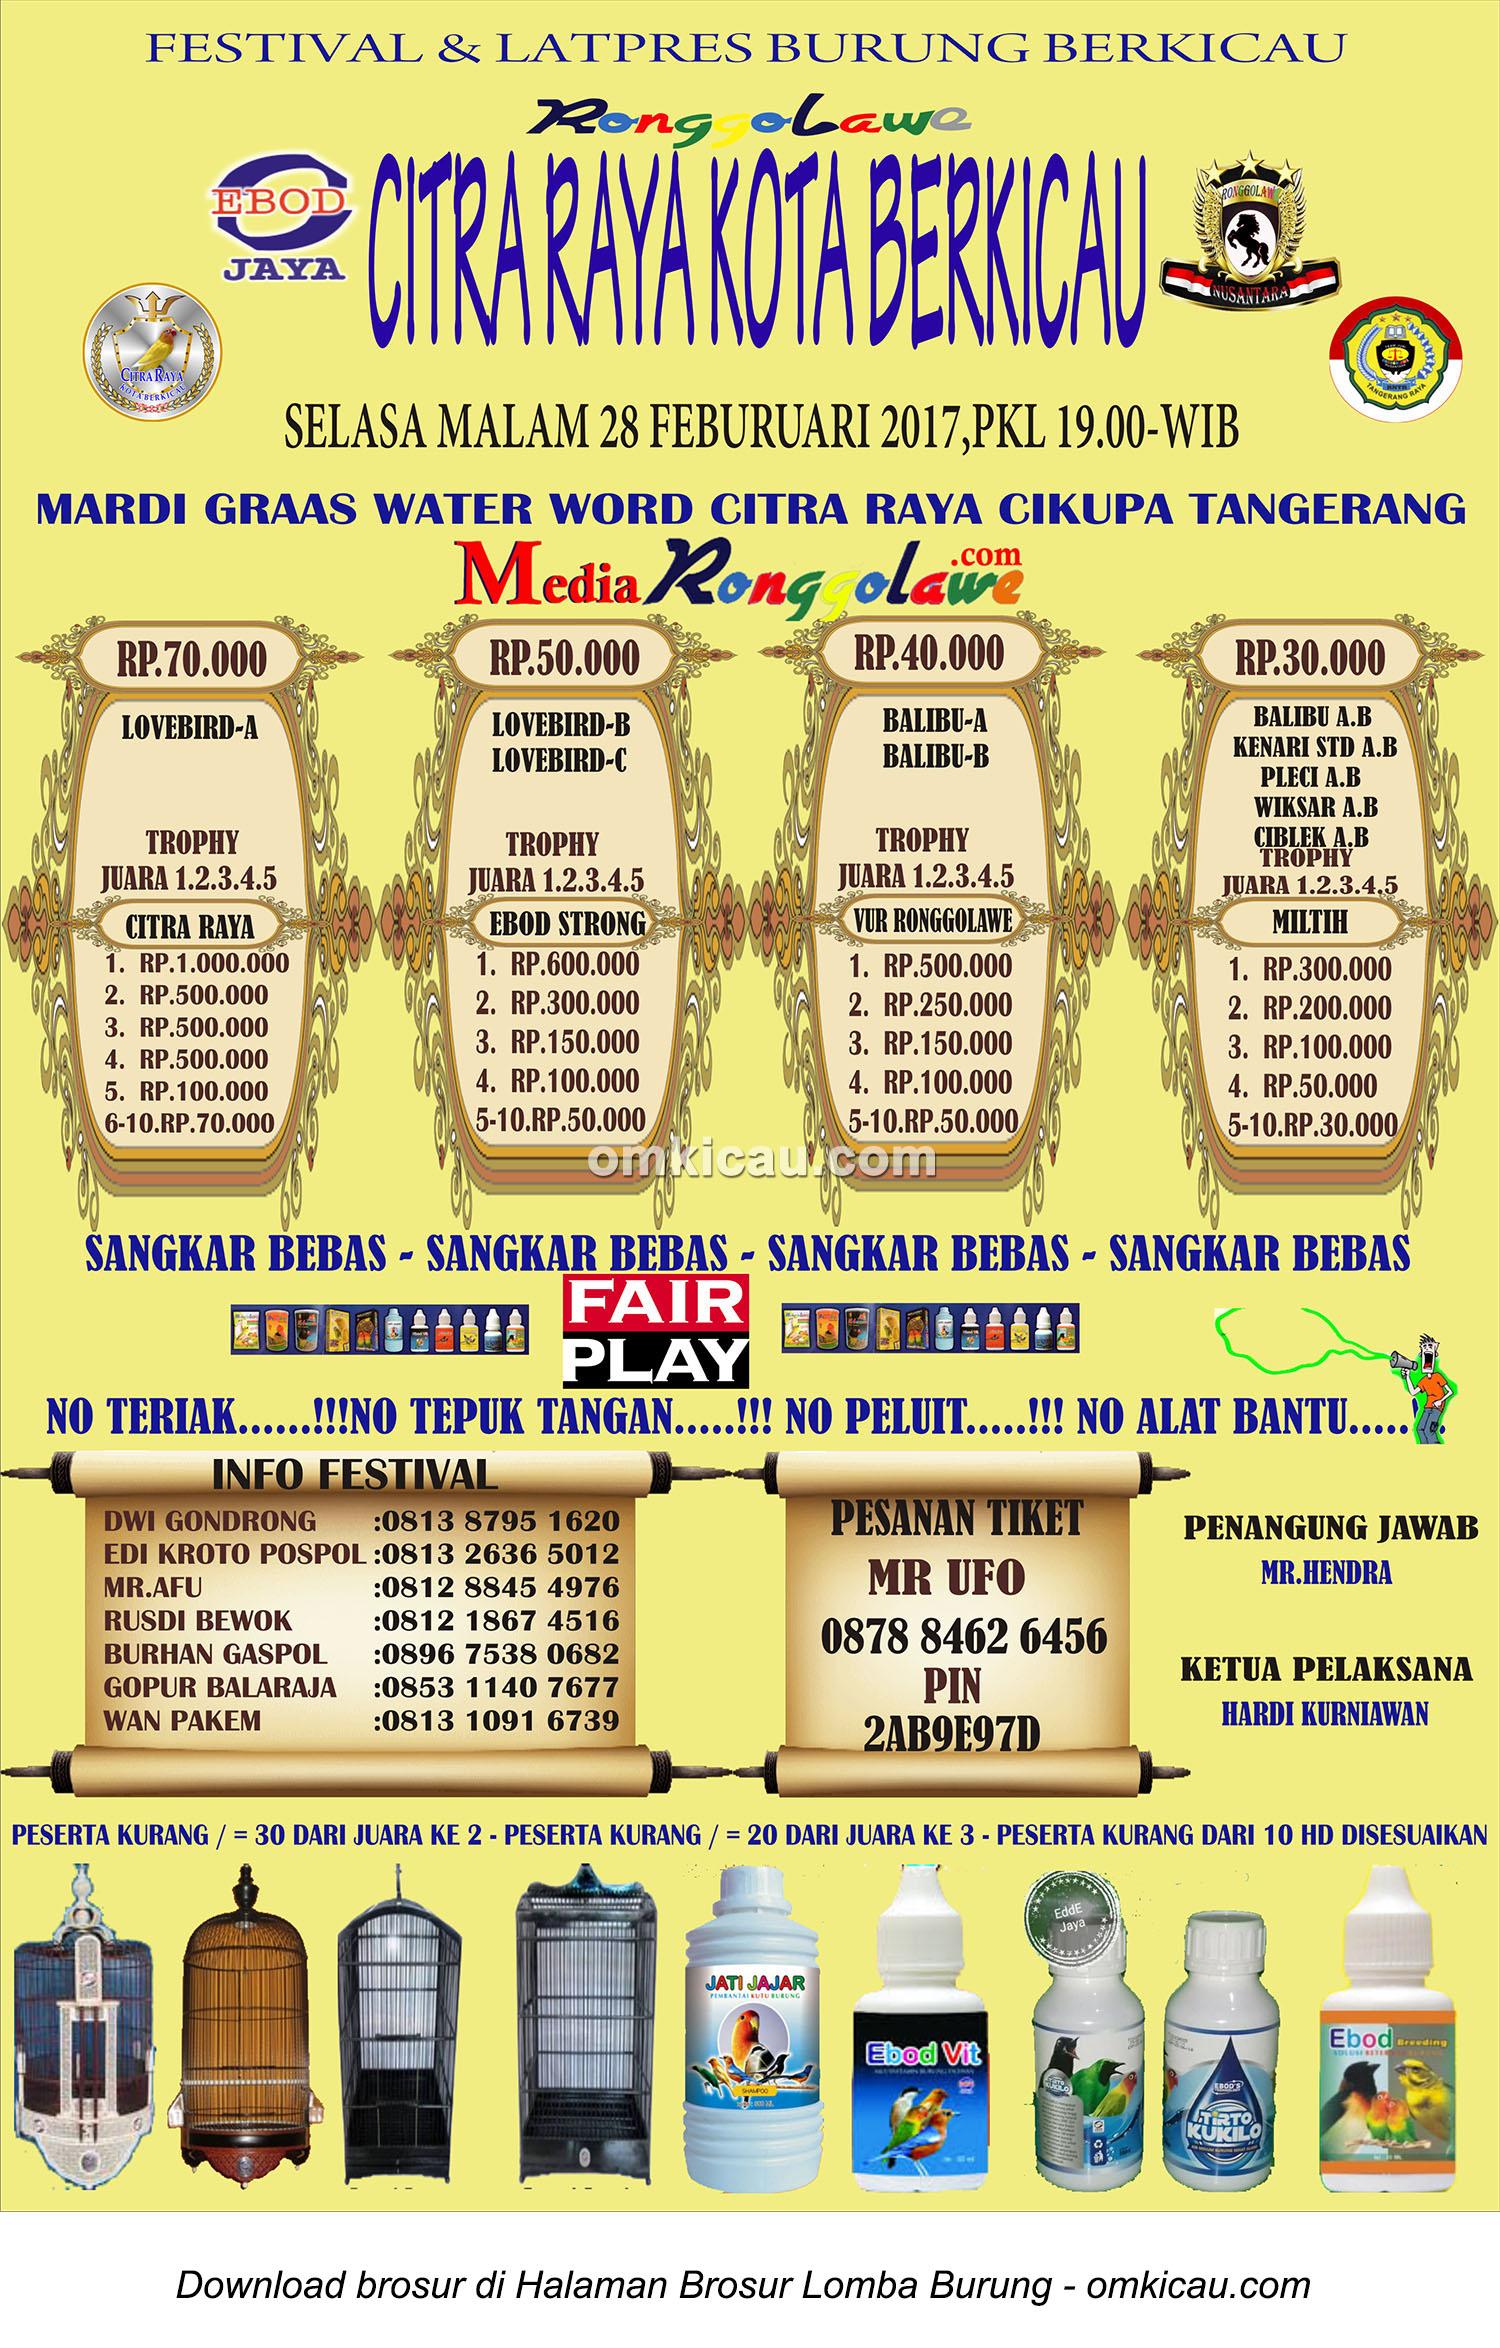 Brosur Latpres Citra Raya Kota Berkicau, Tangerang, 28 Februari 2017